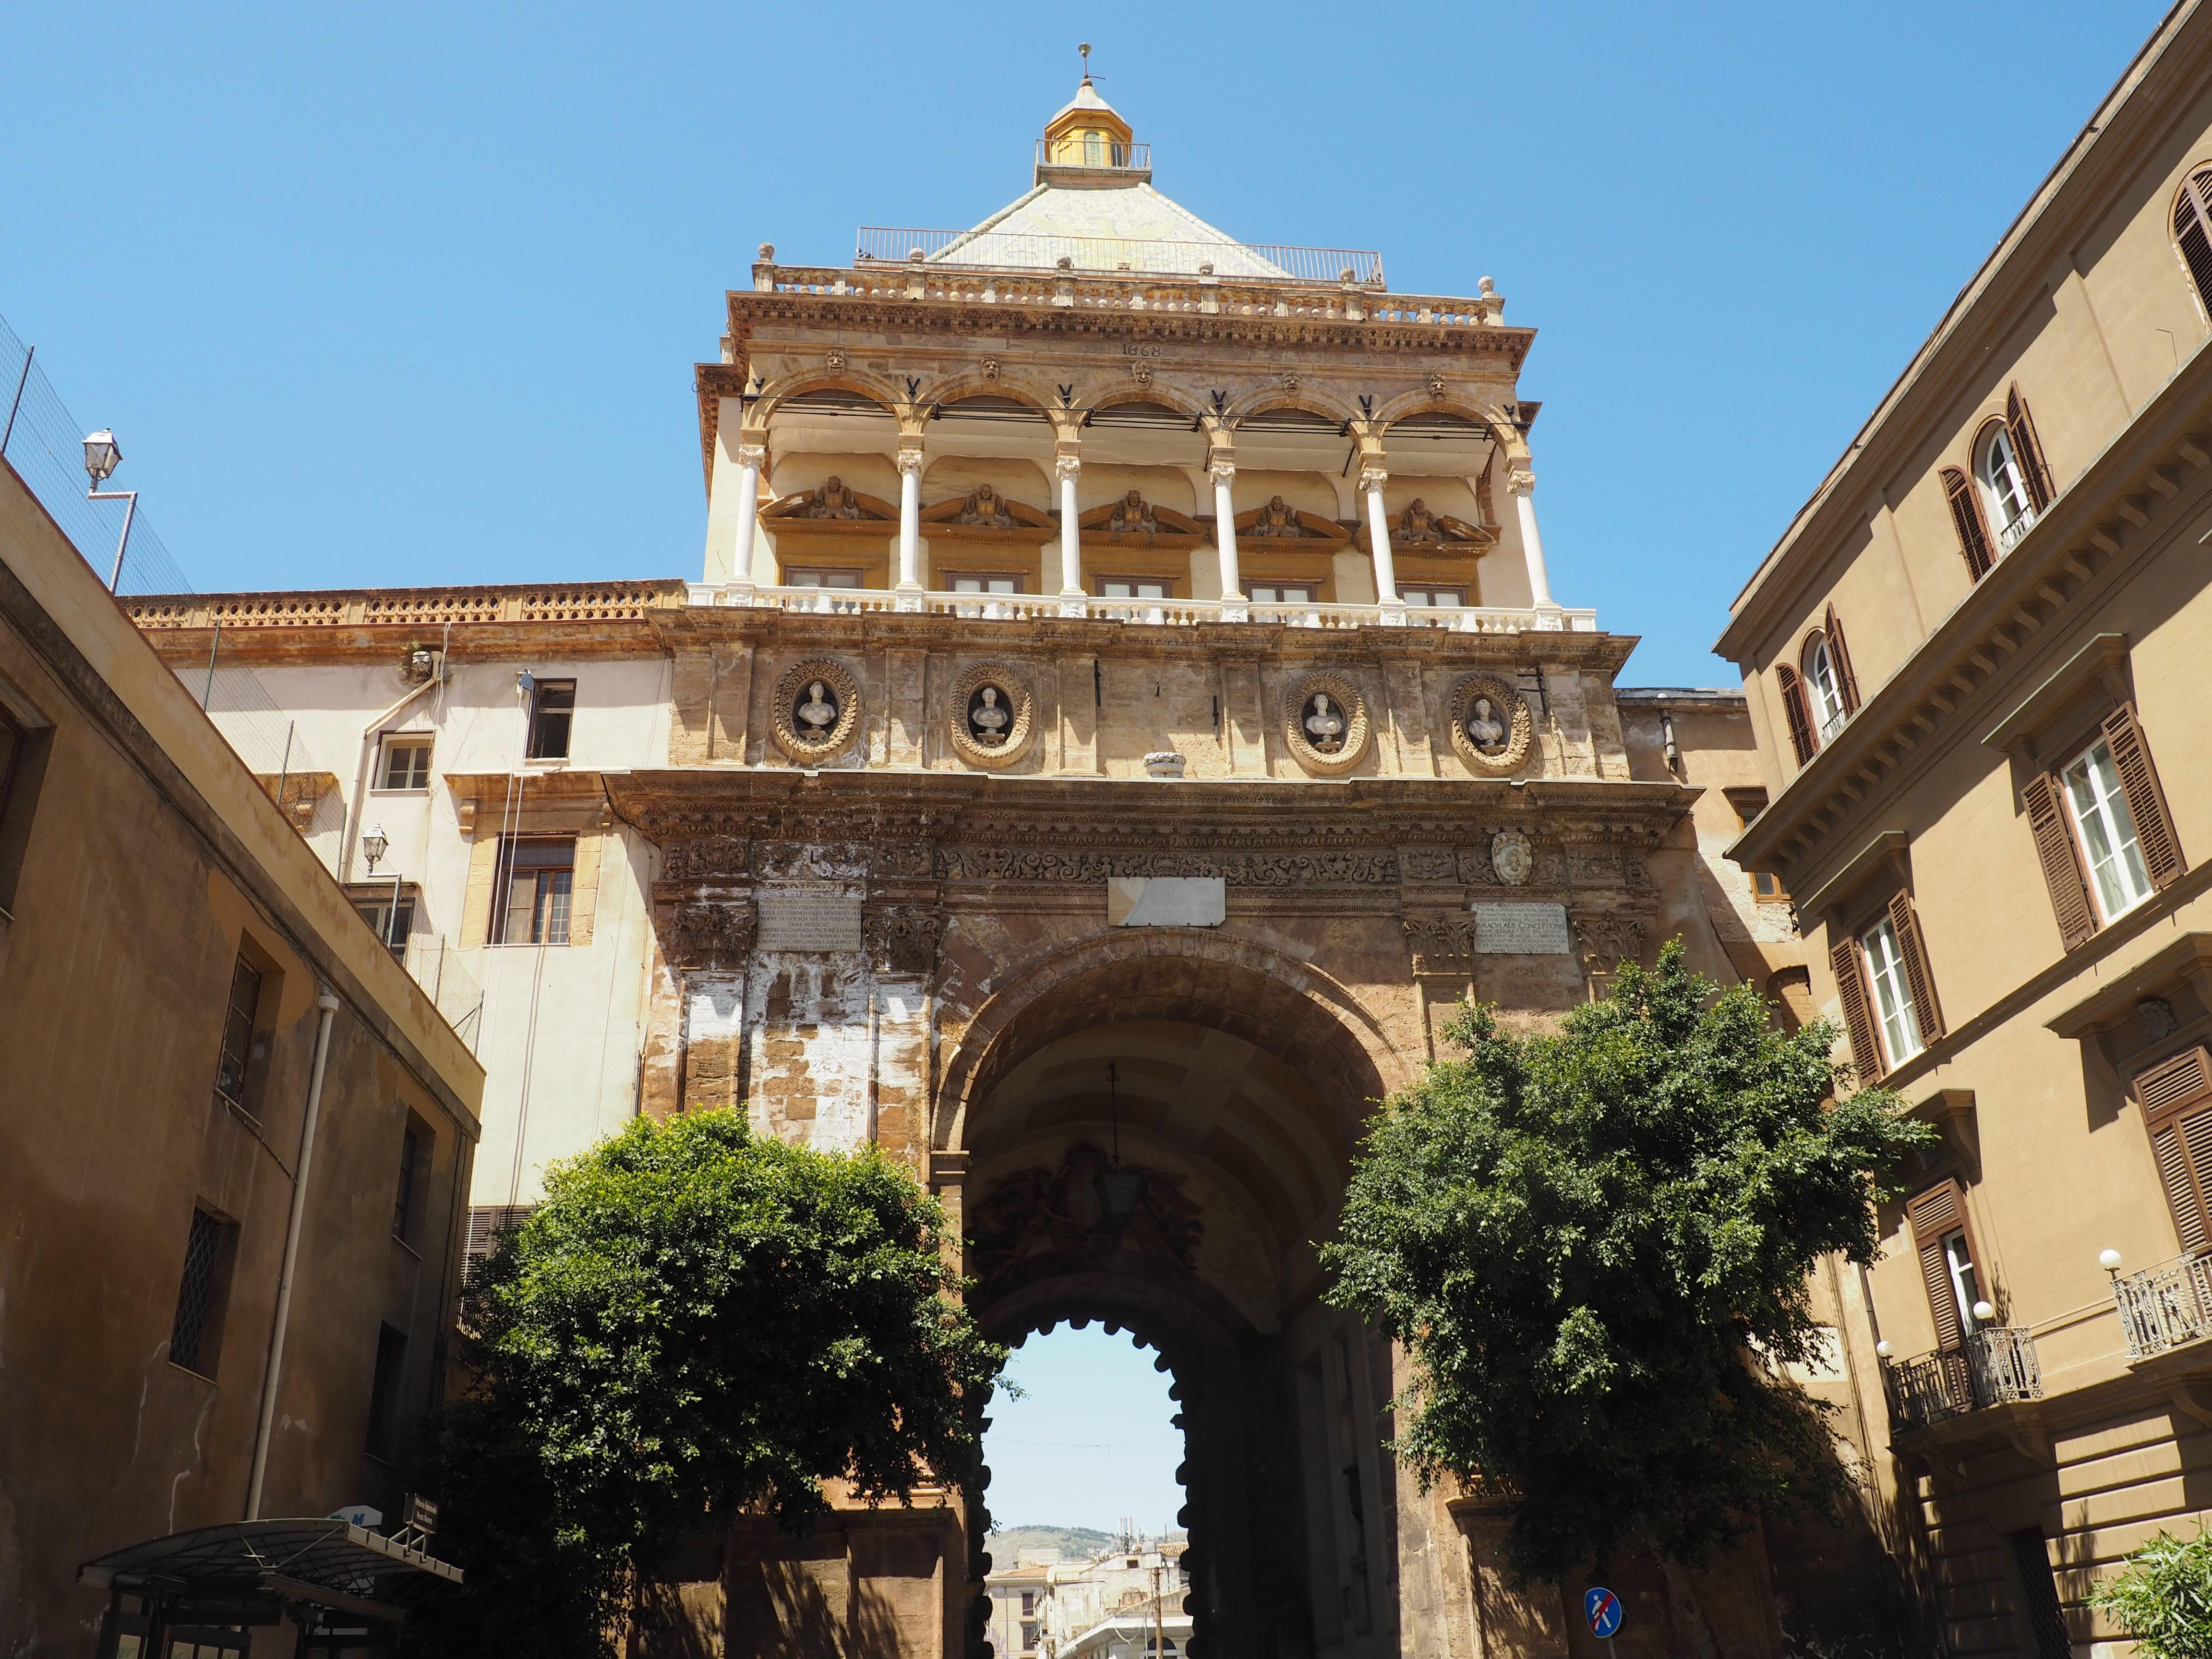 Bei unserem Ausflug auf eigene Faust in Palermo haben wir auch den Palazzo dei Normanni angeschaut